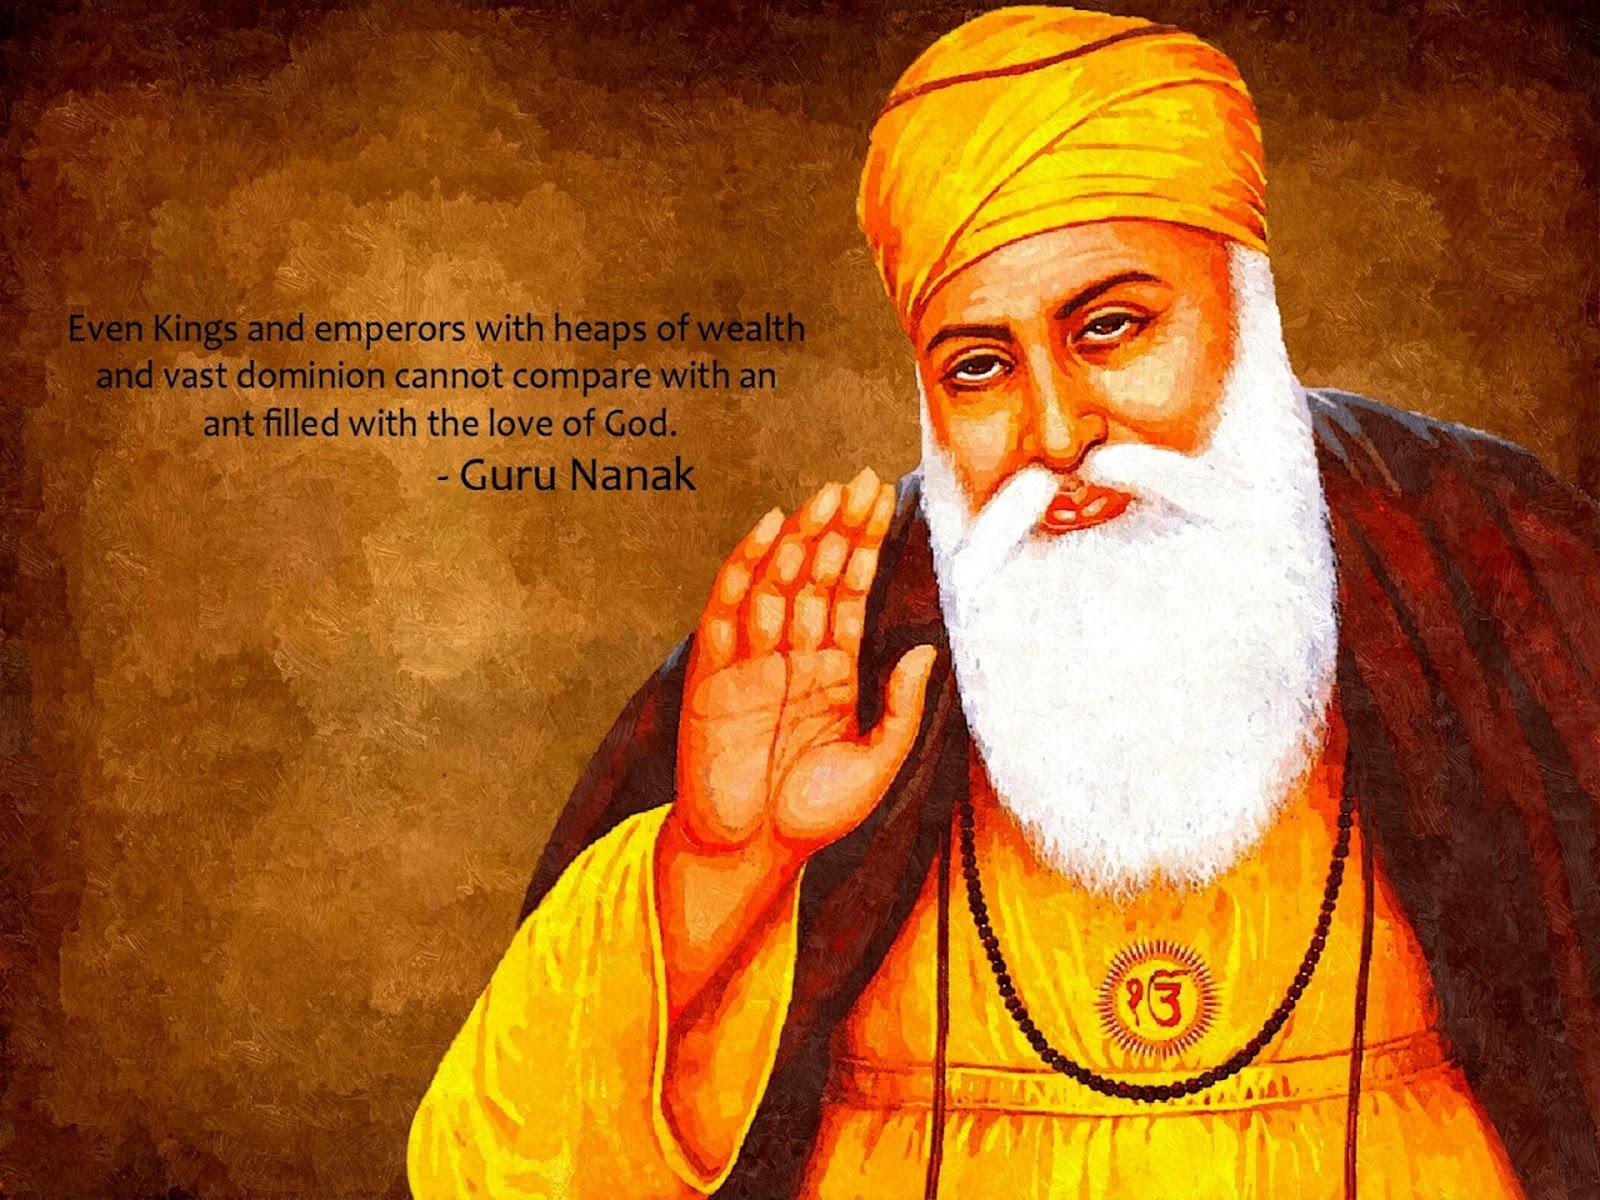 సార్వజనీనం.. గురునానక్ సందేశం - Baba Guru Nanak